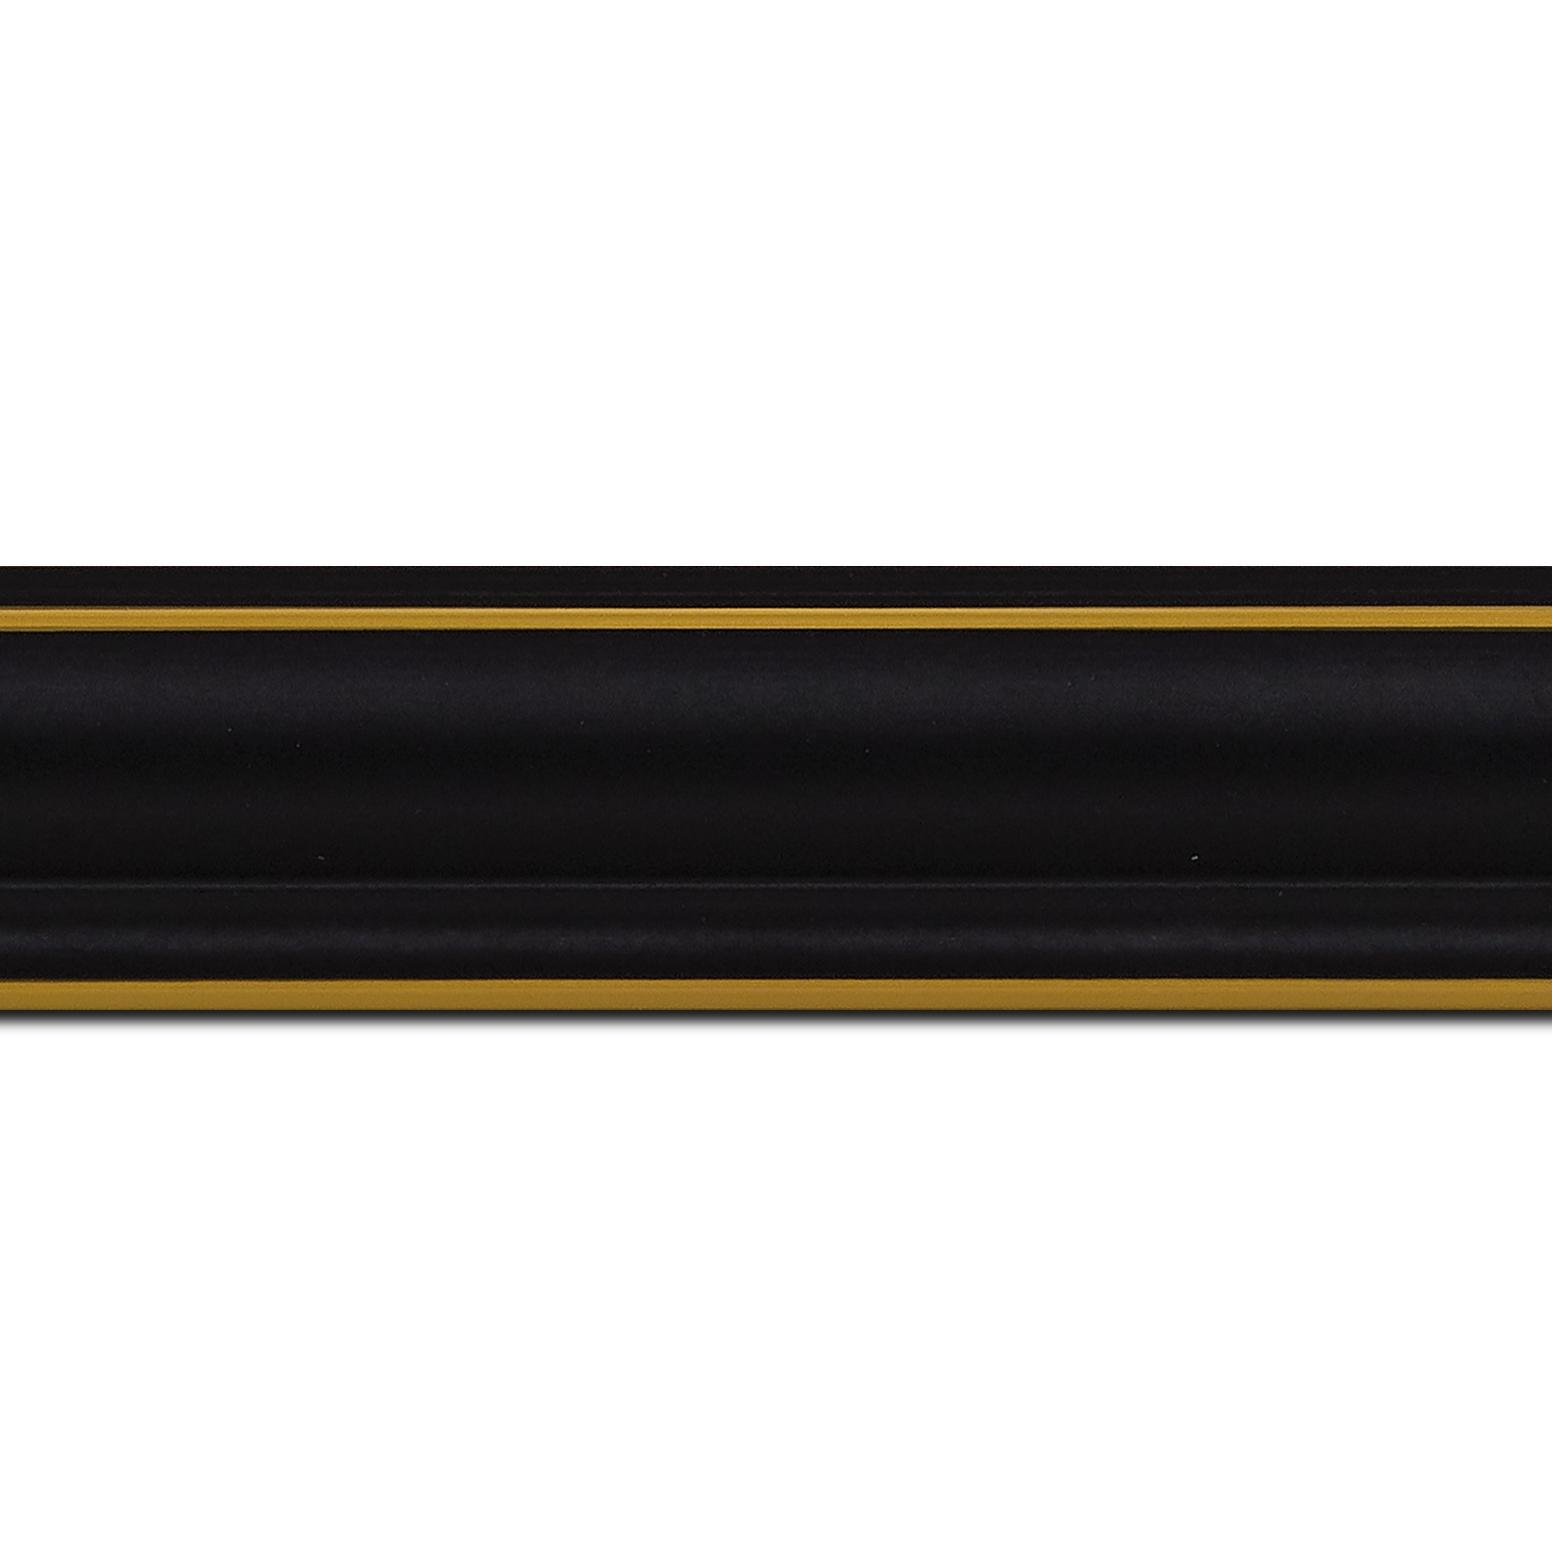 Pack par 12m, bois profil doucine inversée largeur 4.4cm  couleur noire satiné filet or (longueur baguette pouvant varier entre 2.40m et 3m selon arrivage des bois)